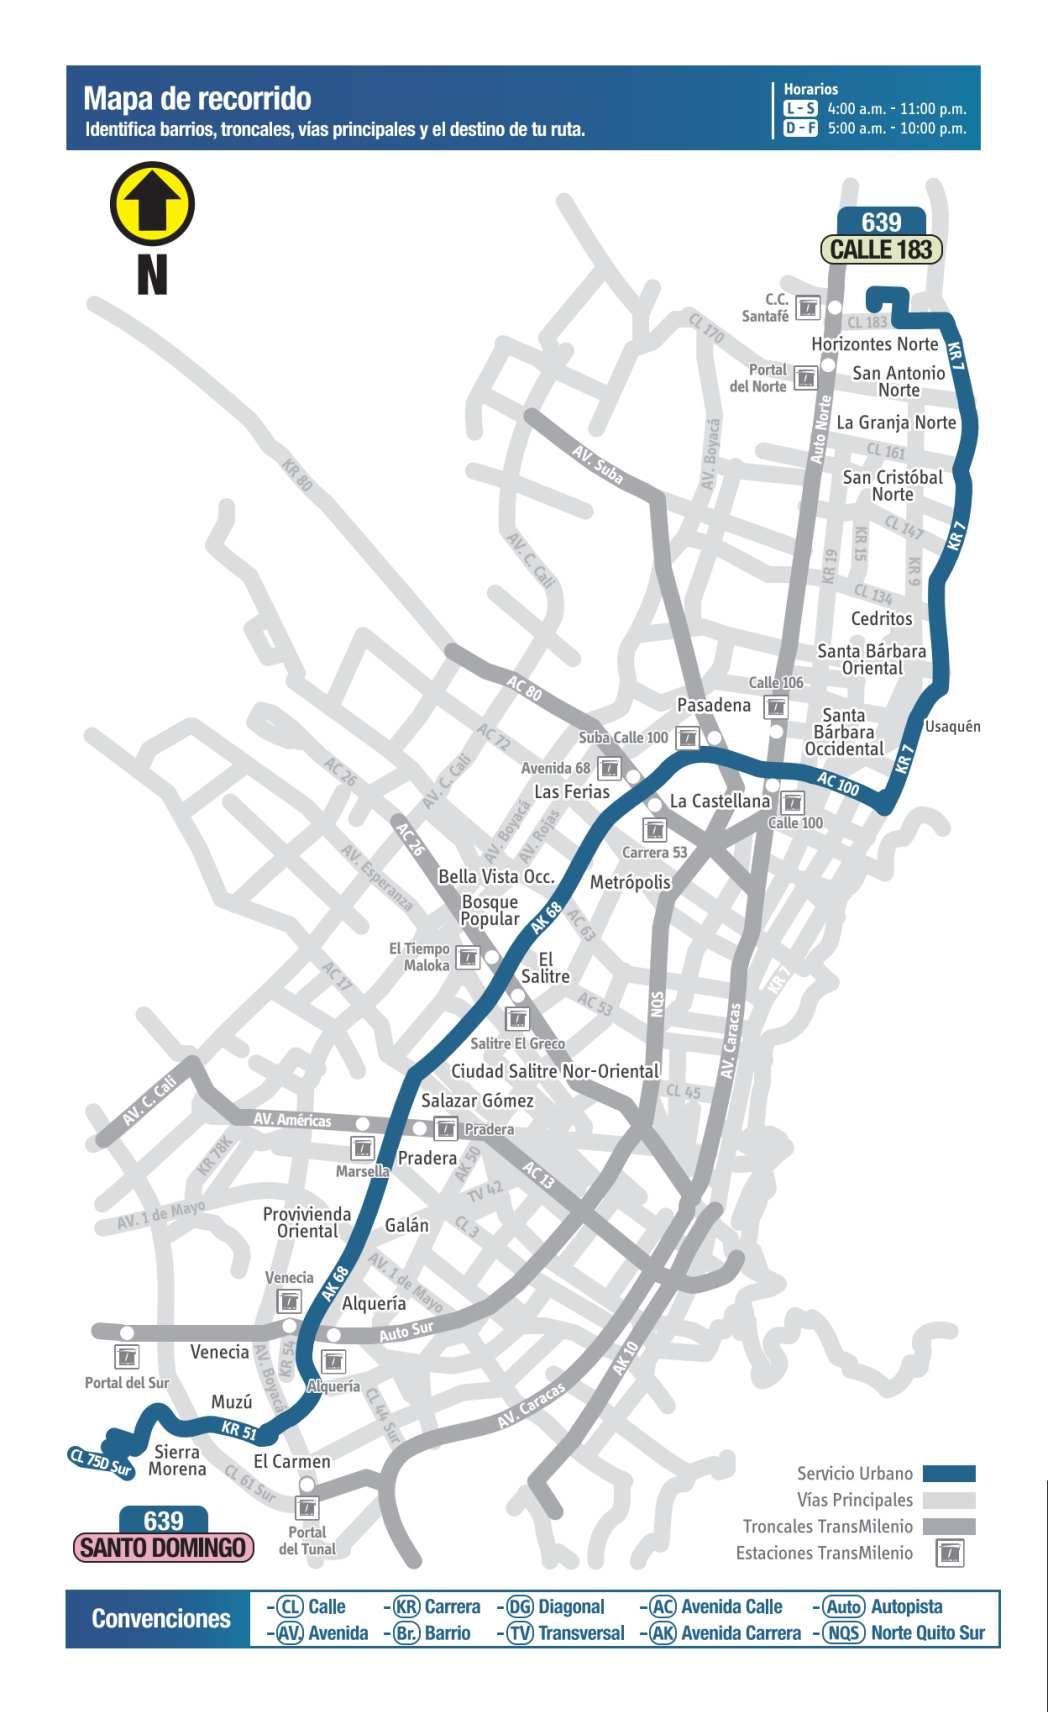 639 Calle 183 - Santo Domingo, mapa bus urbano Bogotá